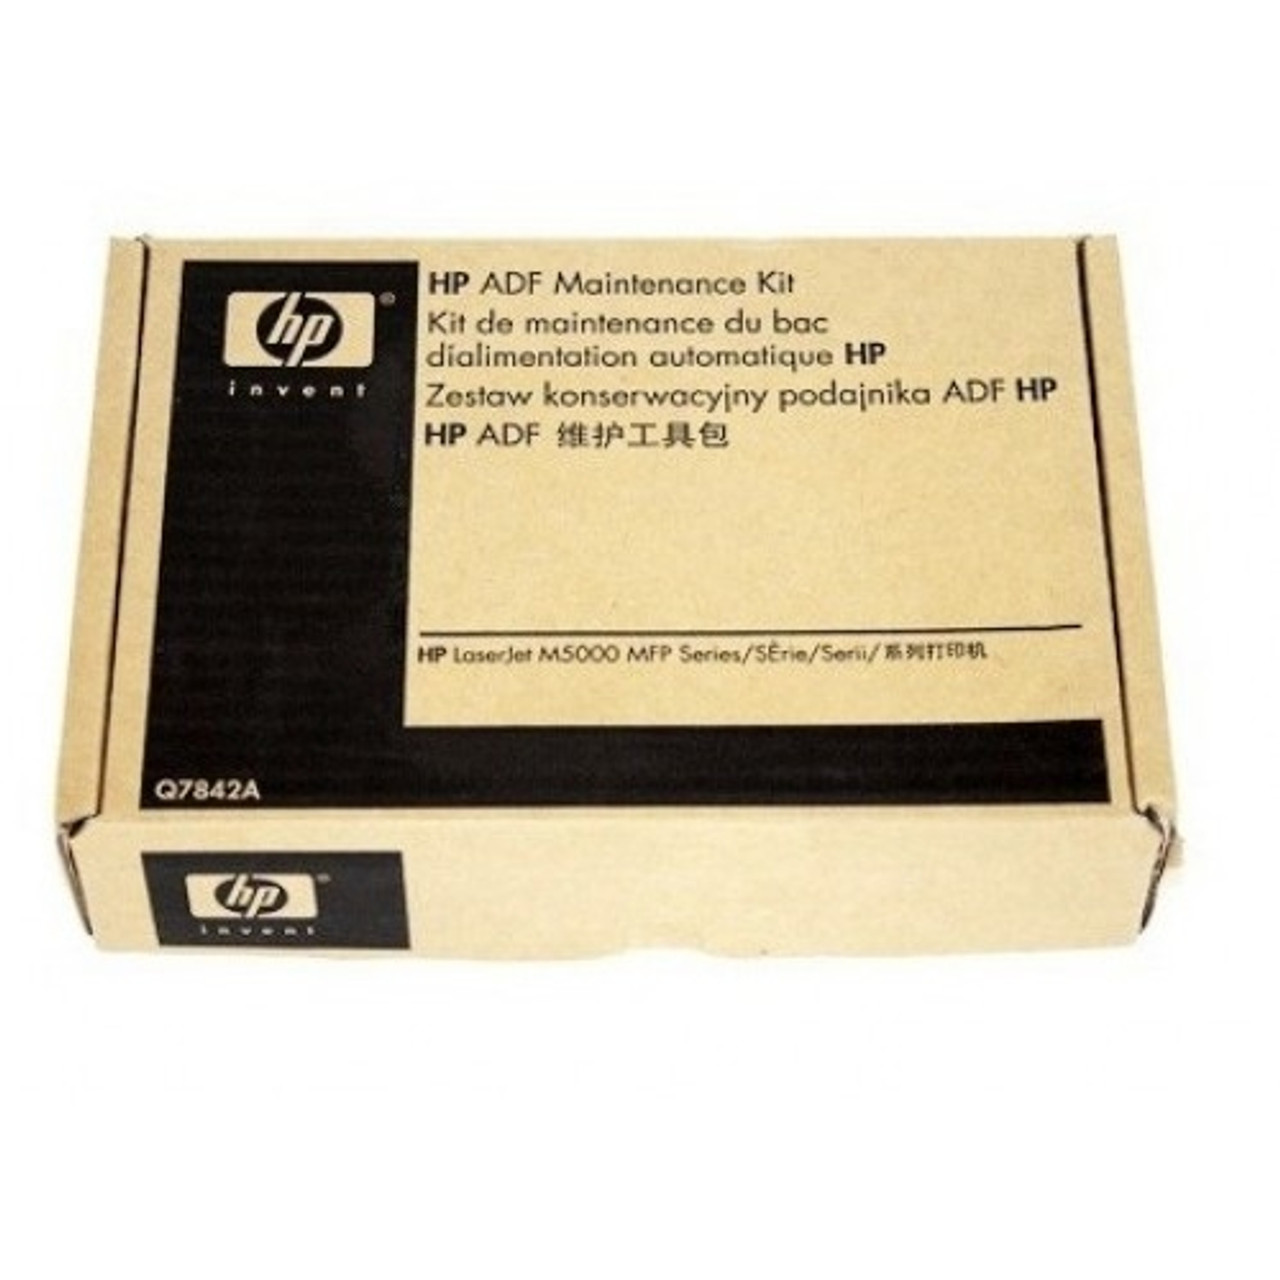 HP LaserJet MFP ADF Kit, Q7842A